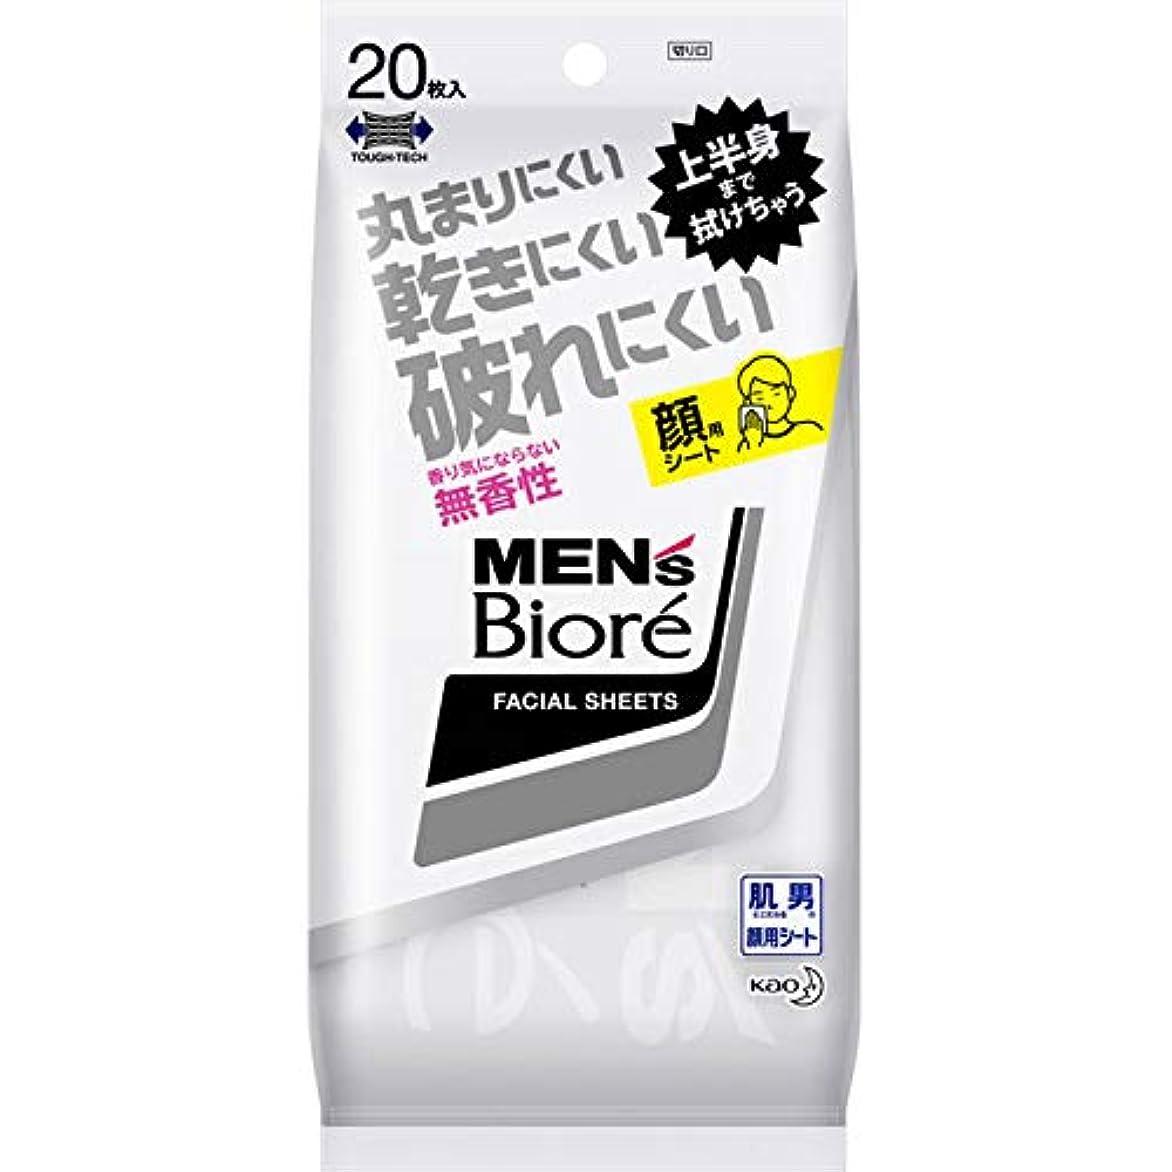 本物広範囲にアトミック花王 メンズビオレ 洗顔シート 香り気にならない無香性 携帯用 (20枚入) ビオレ フェイスシート